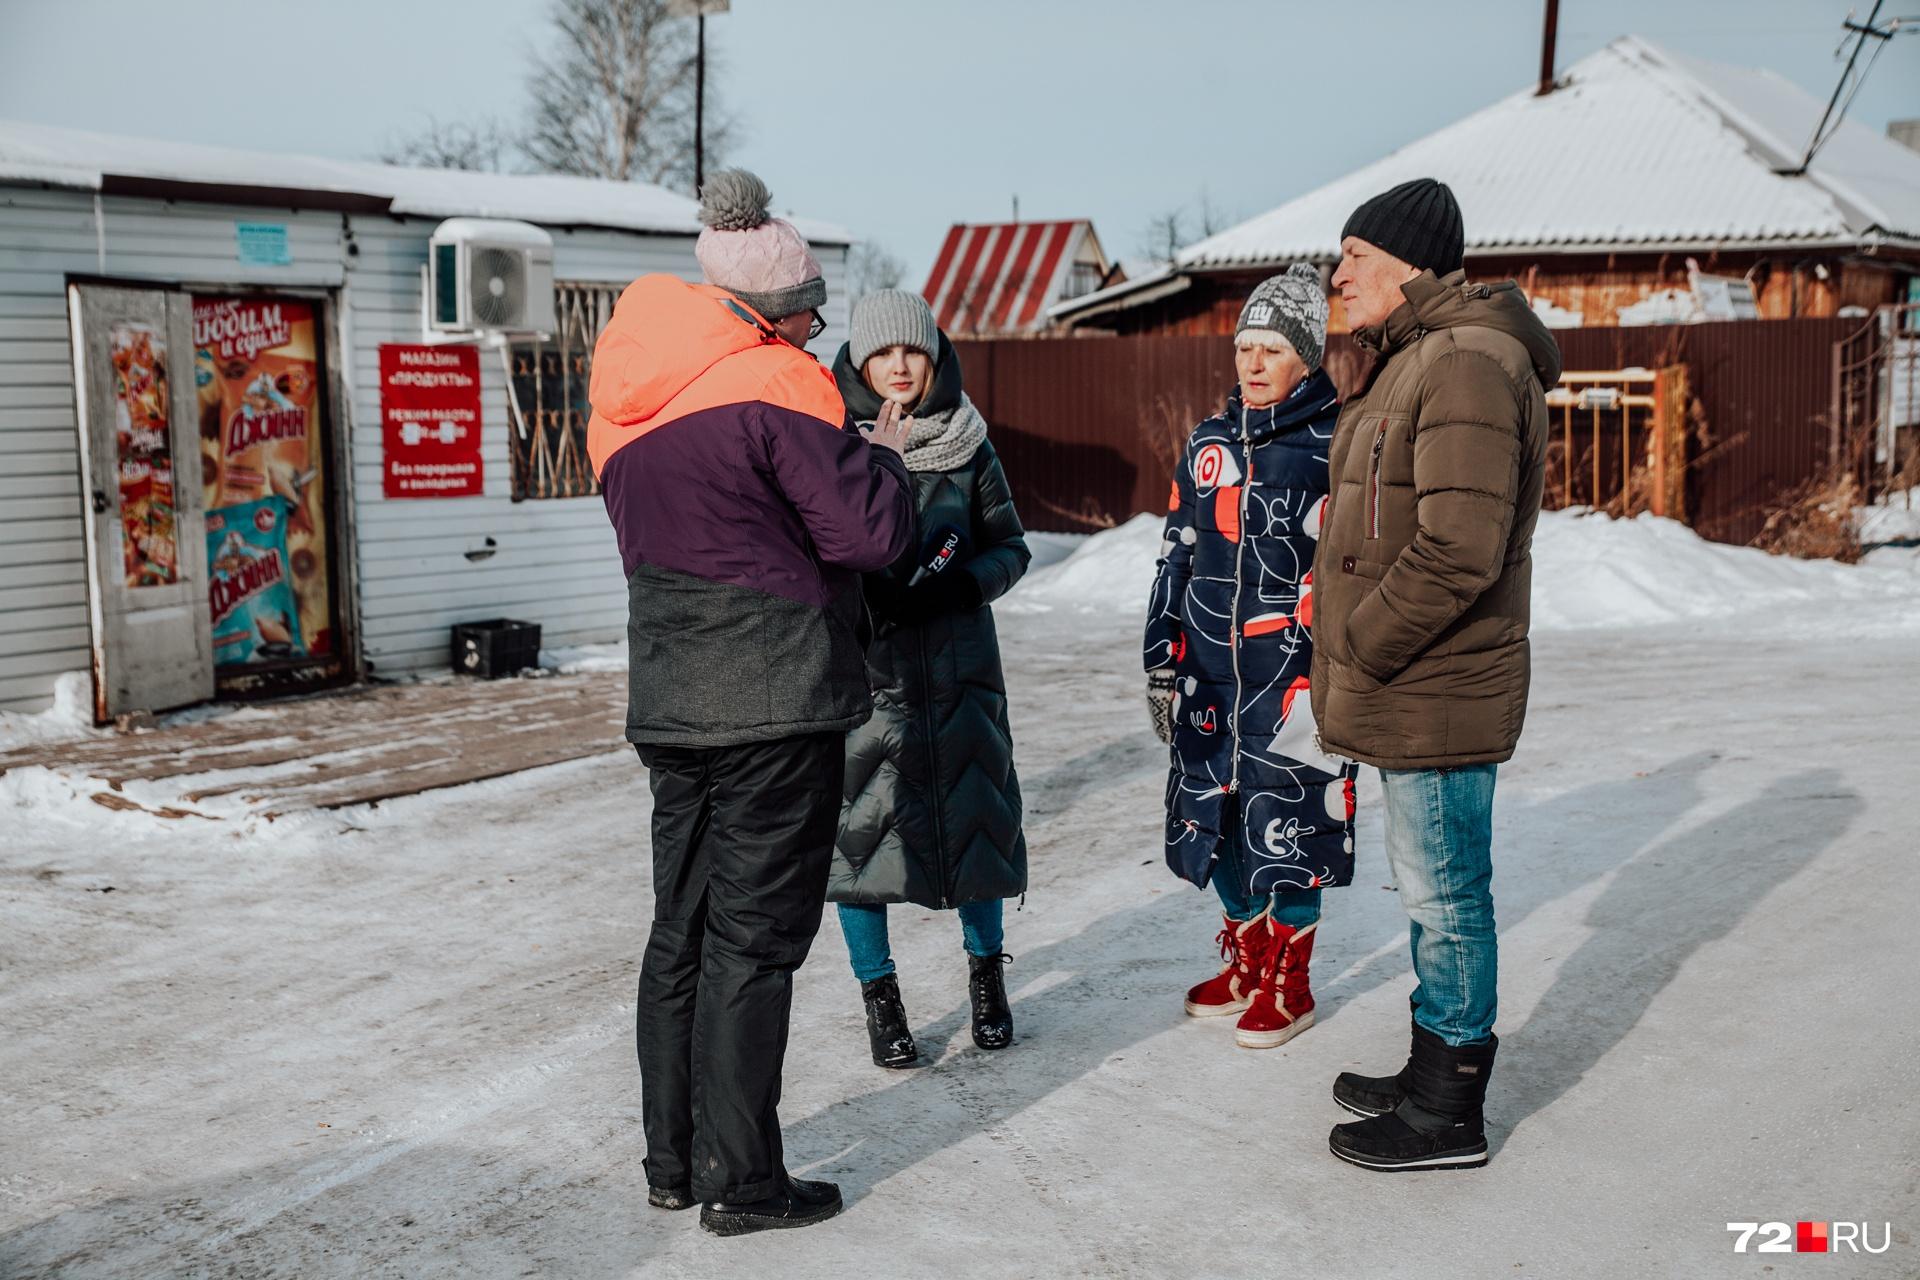 На встрече с журналистами местные жители высказали сильное беспокойство о том, что будет с их СНТ весной, когда снег начнет таять